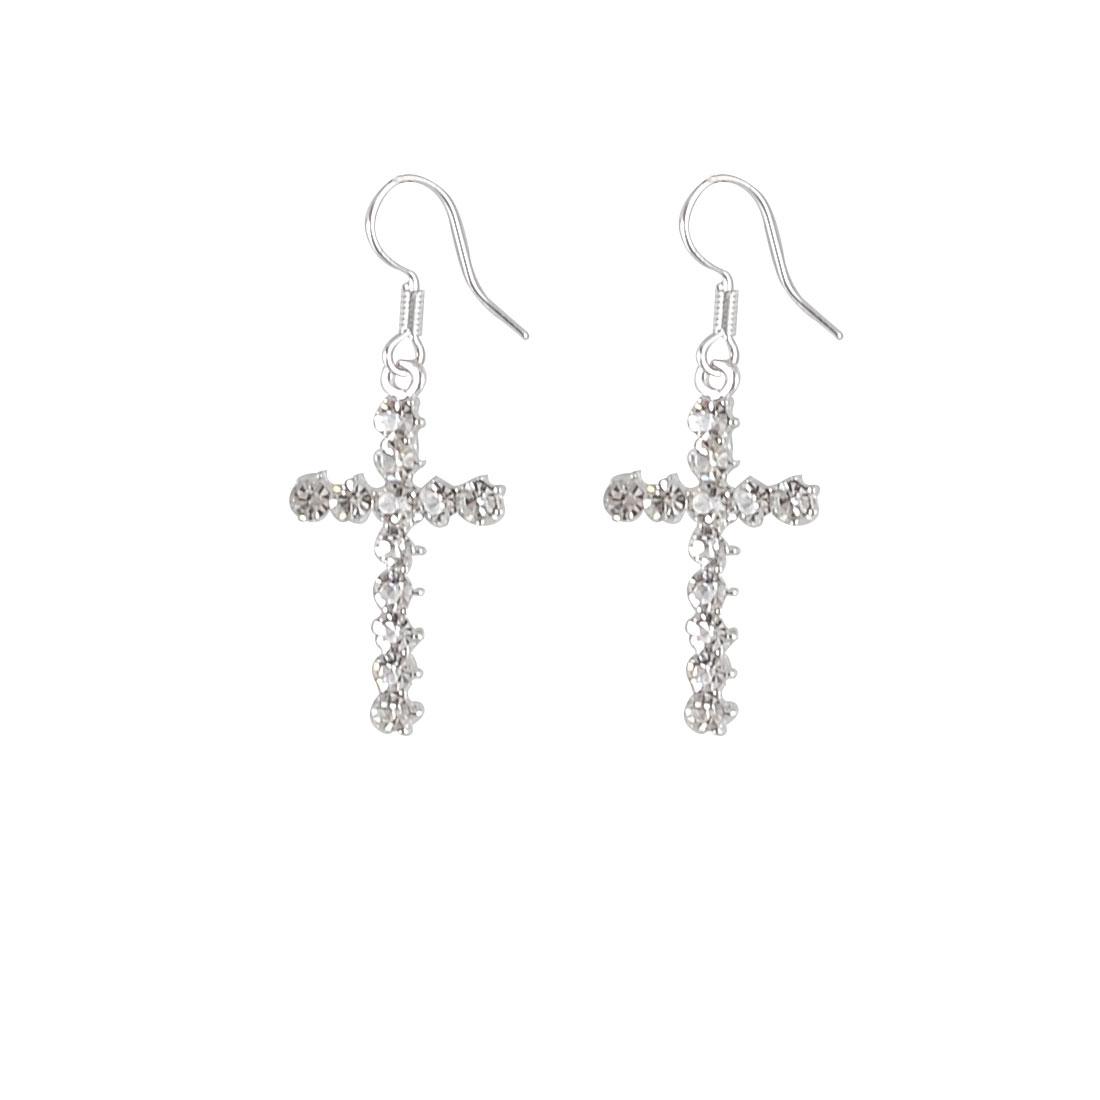 Ladies Glittery Rhinestones Silver Tone Cross Fish Hook Earrings Pair